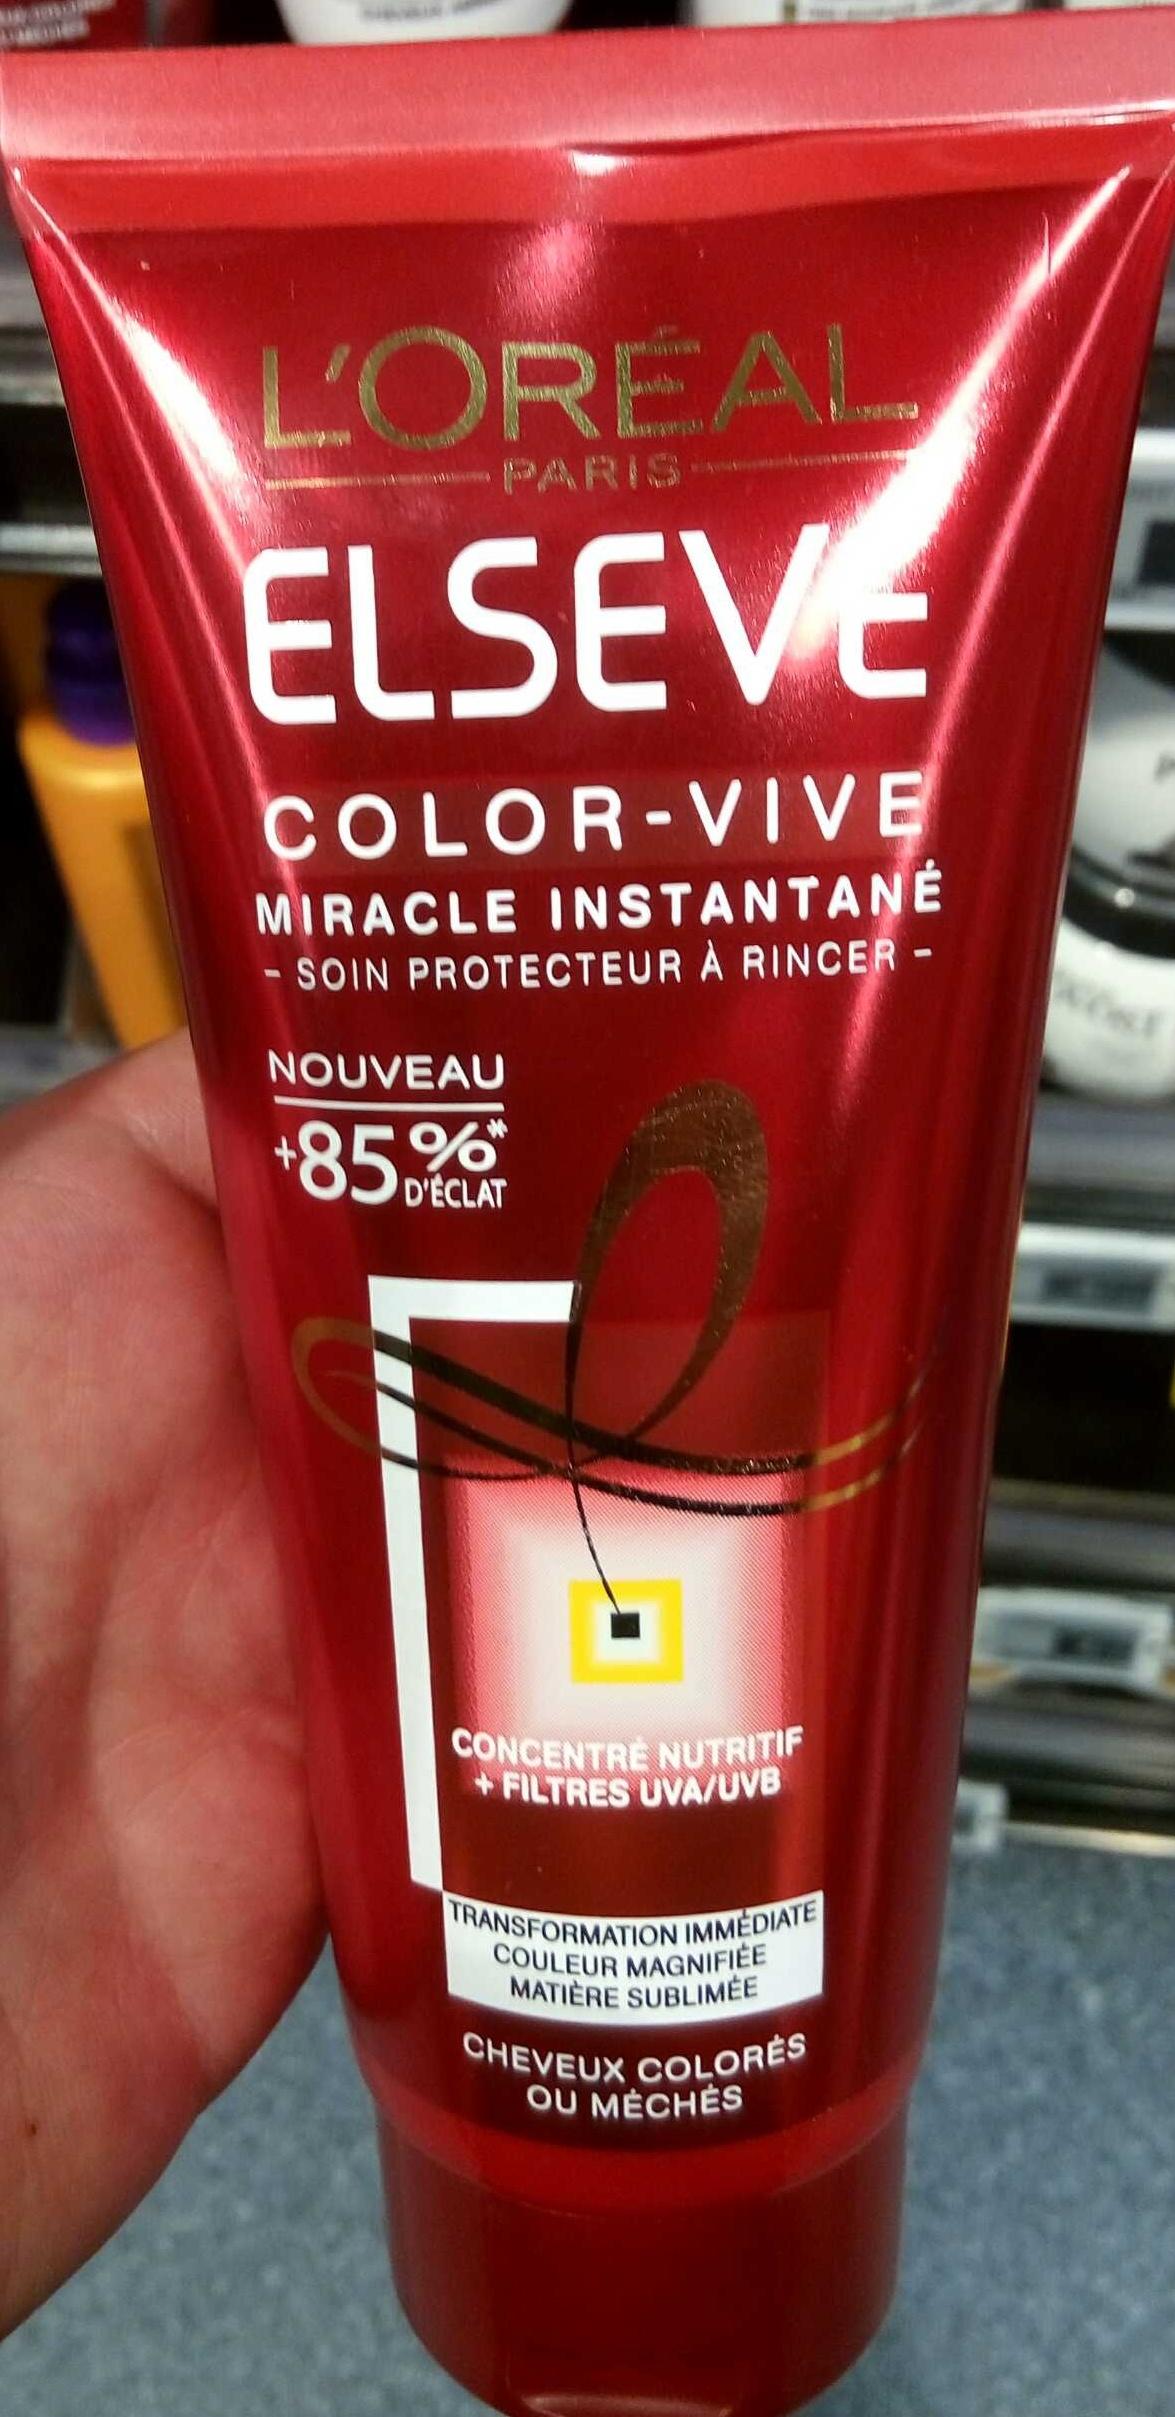 Elsene Color-Vive Miracle Instantané - Product - fr